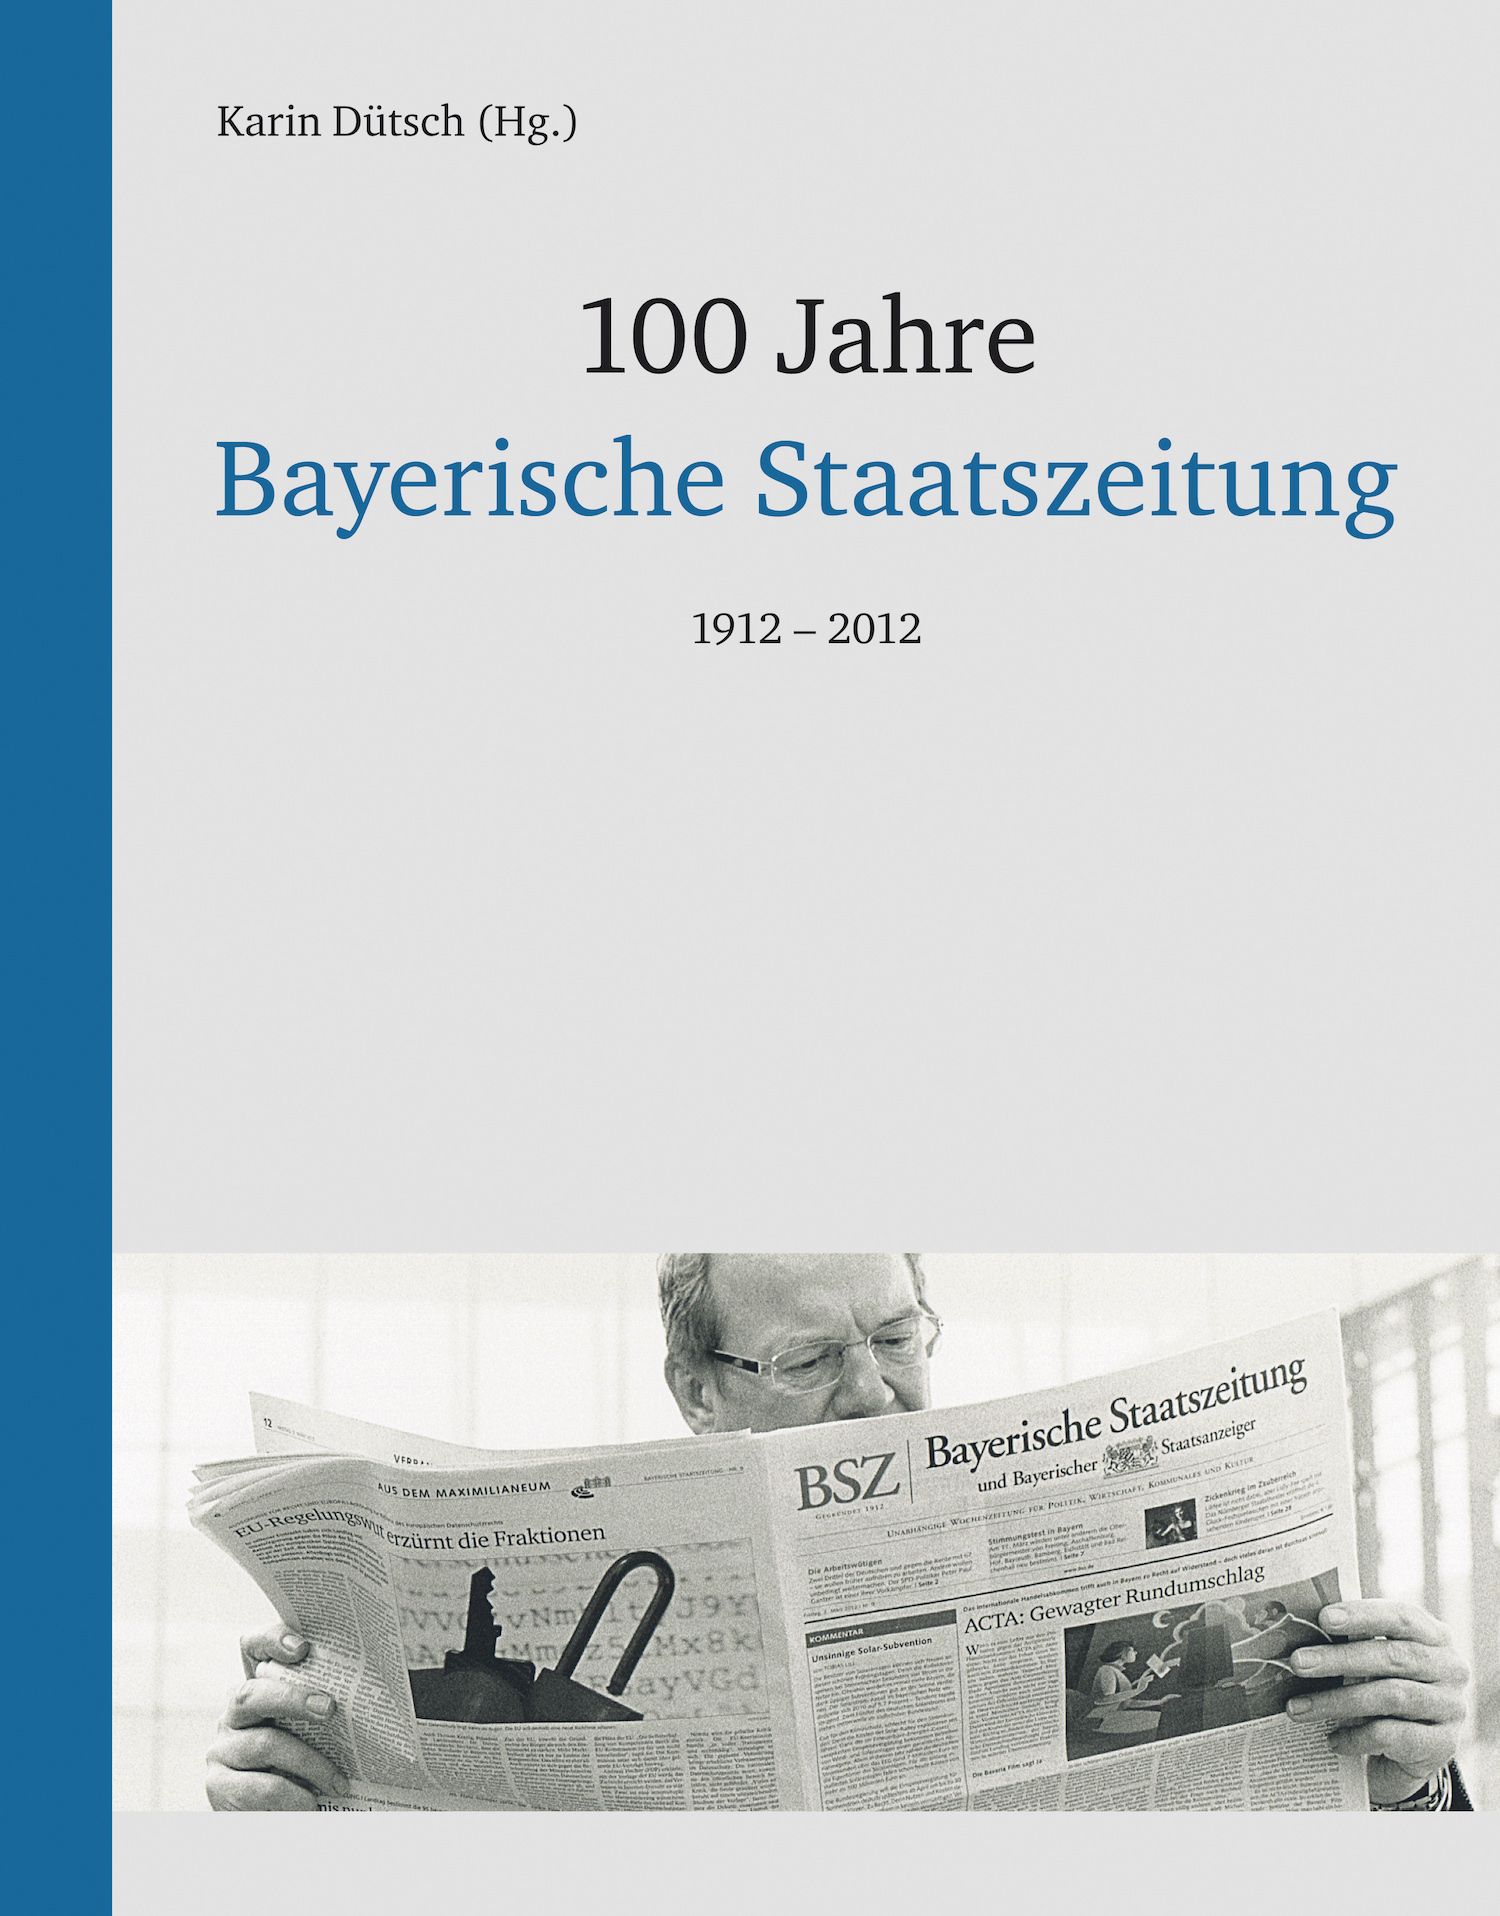 Dütsch, Karin - 100 Jahre Bayerische Staatszeitung